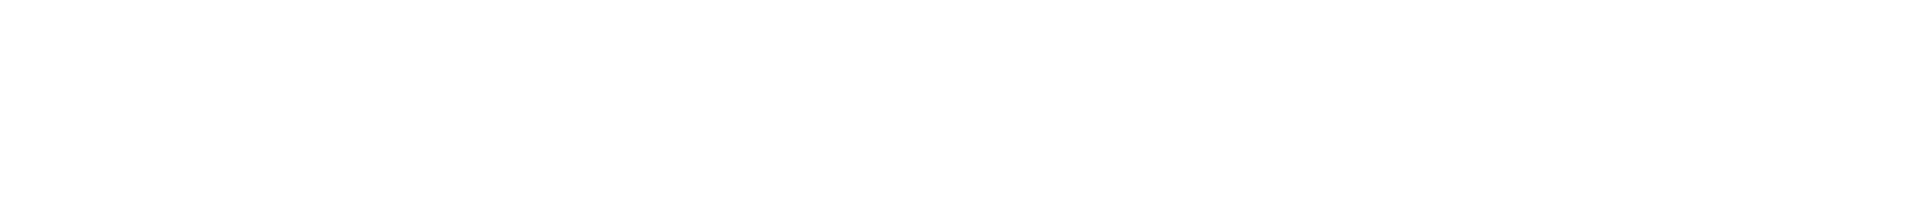 A vedere i templi di Angkor si va in bicicletta